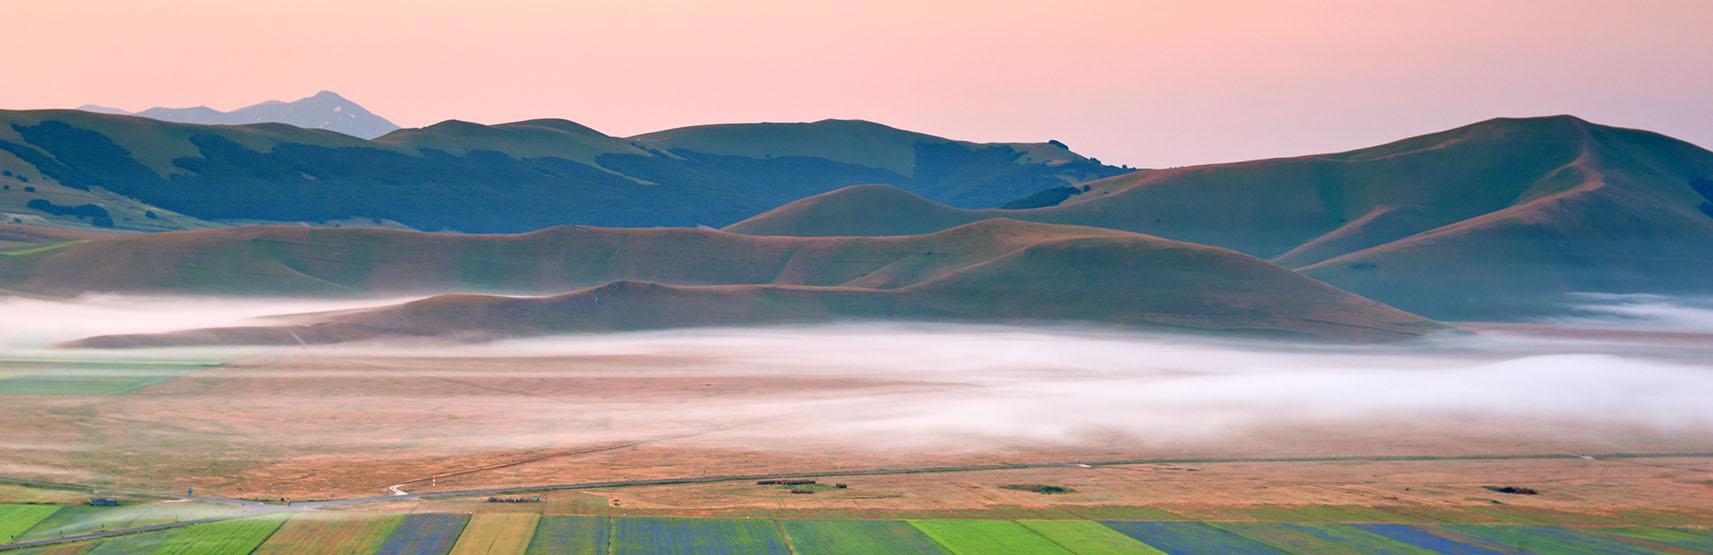 Nebbia nella valle di Castelluccio di Norci